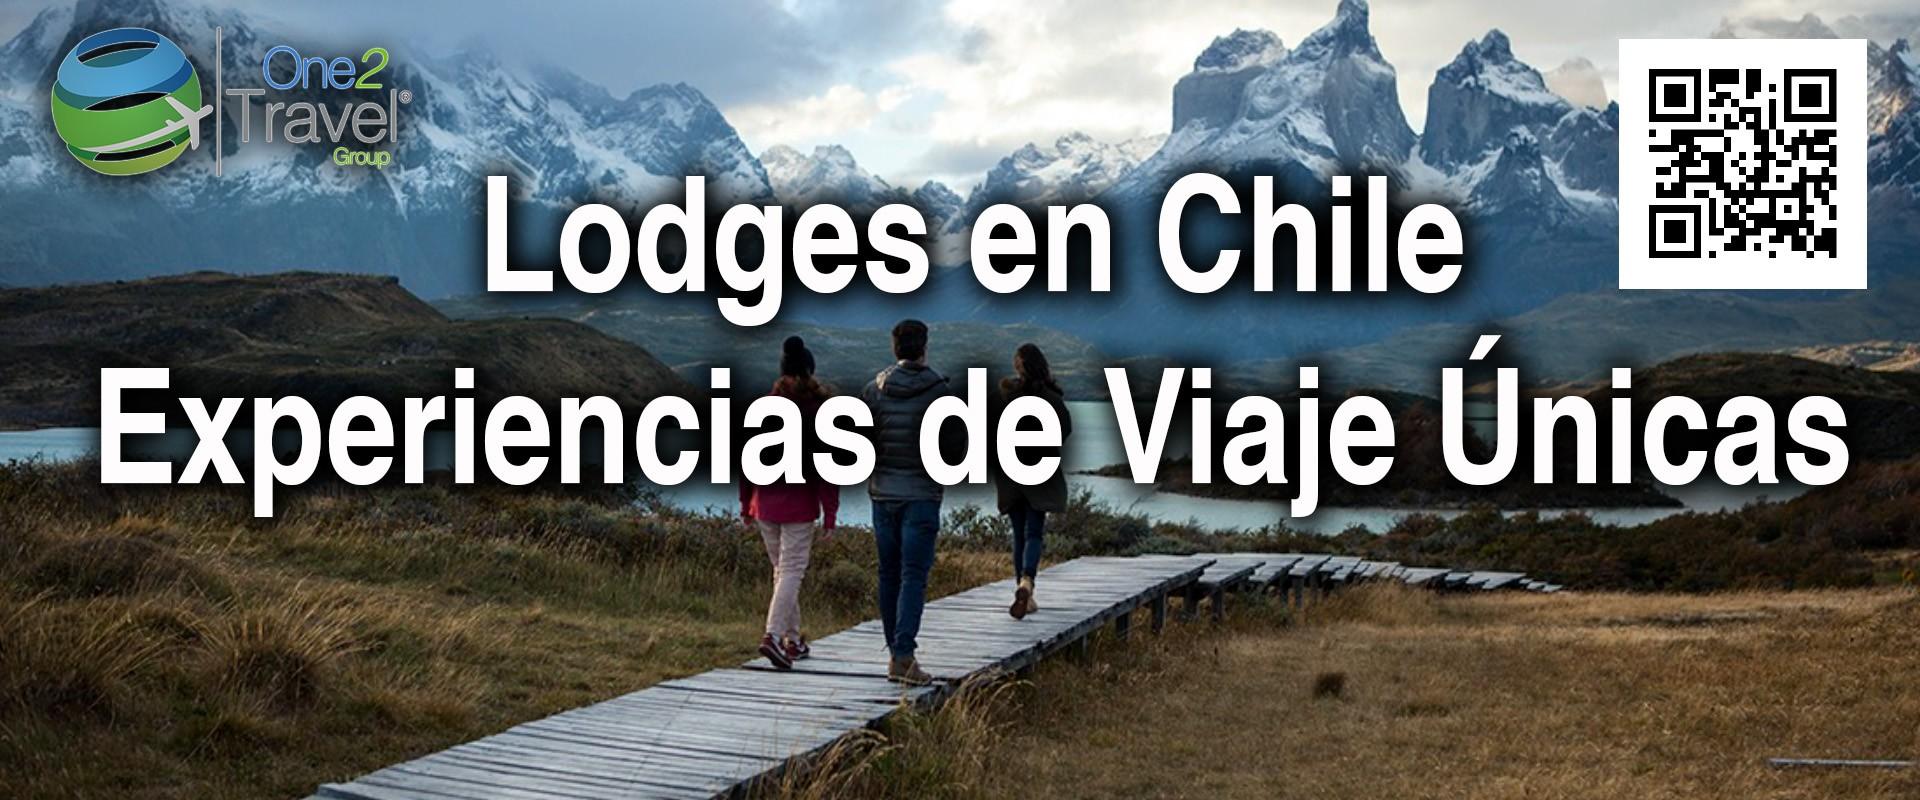 Seminario Web | One2Travel | Lodges en Chile, Experiencias de Viaje Únicas